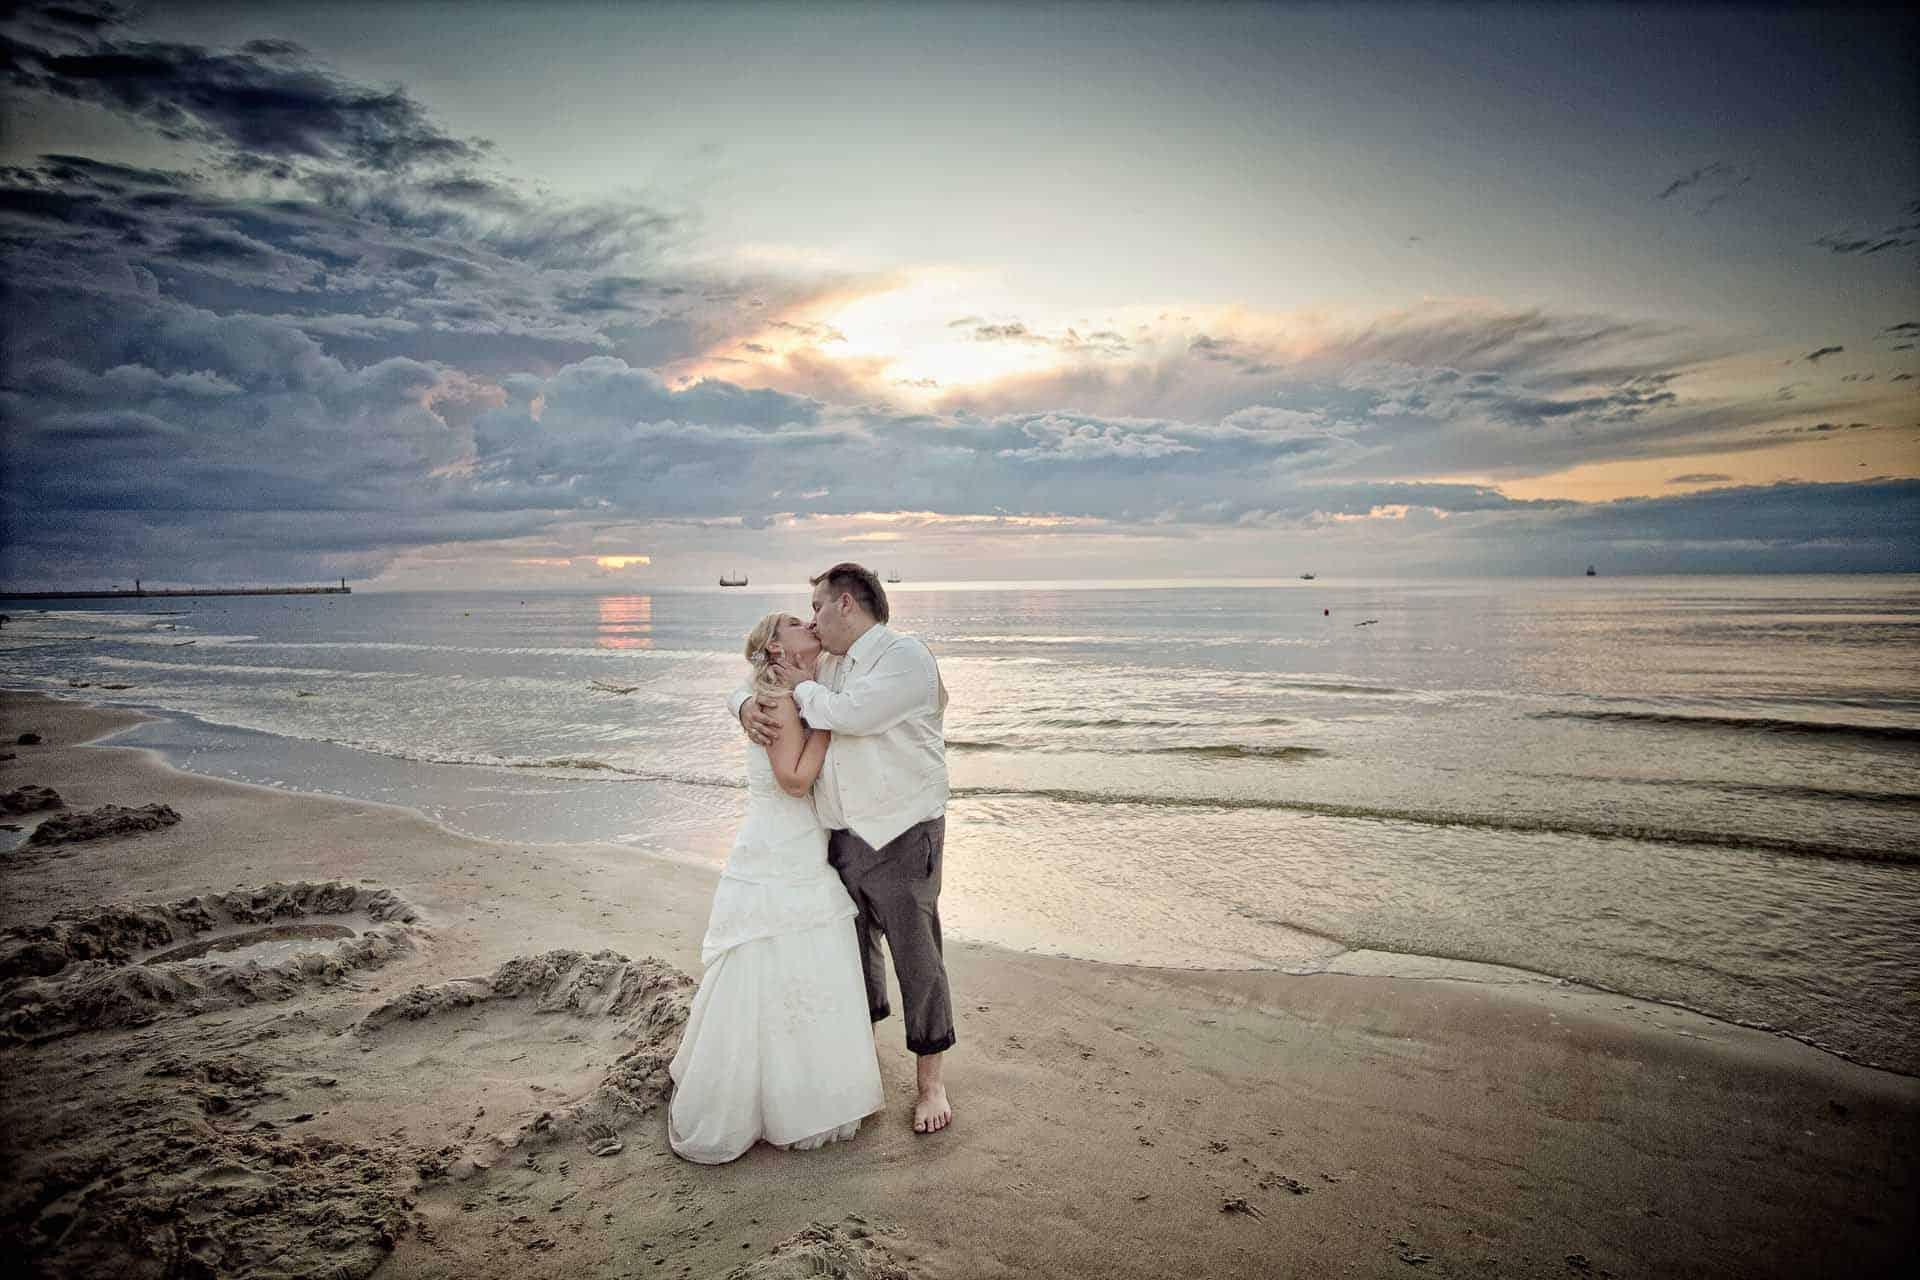 Poślubny plener fotograficzny na nadmorskiej plaży.